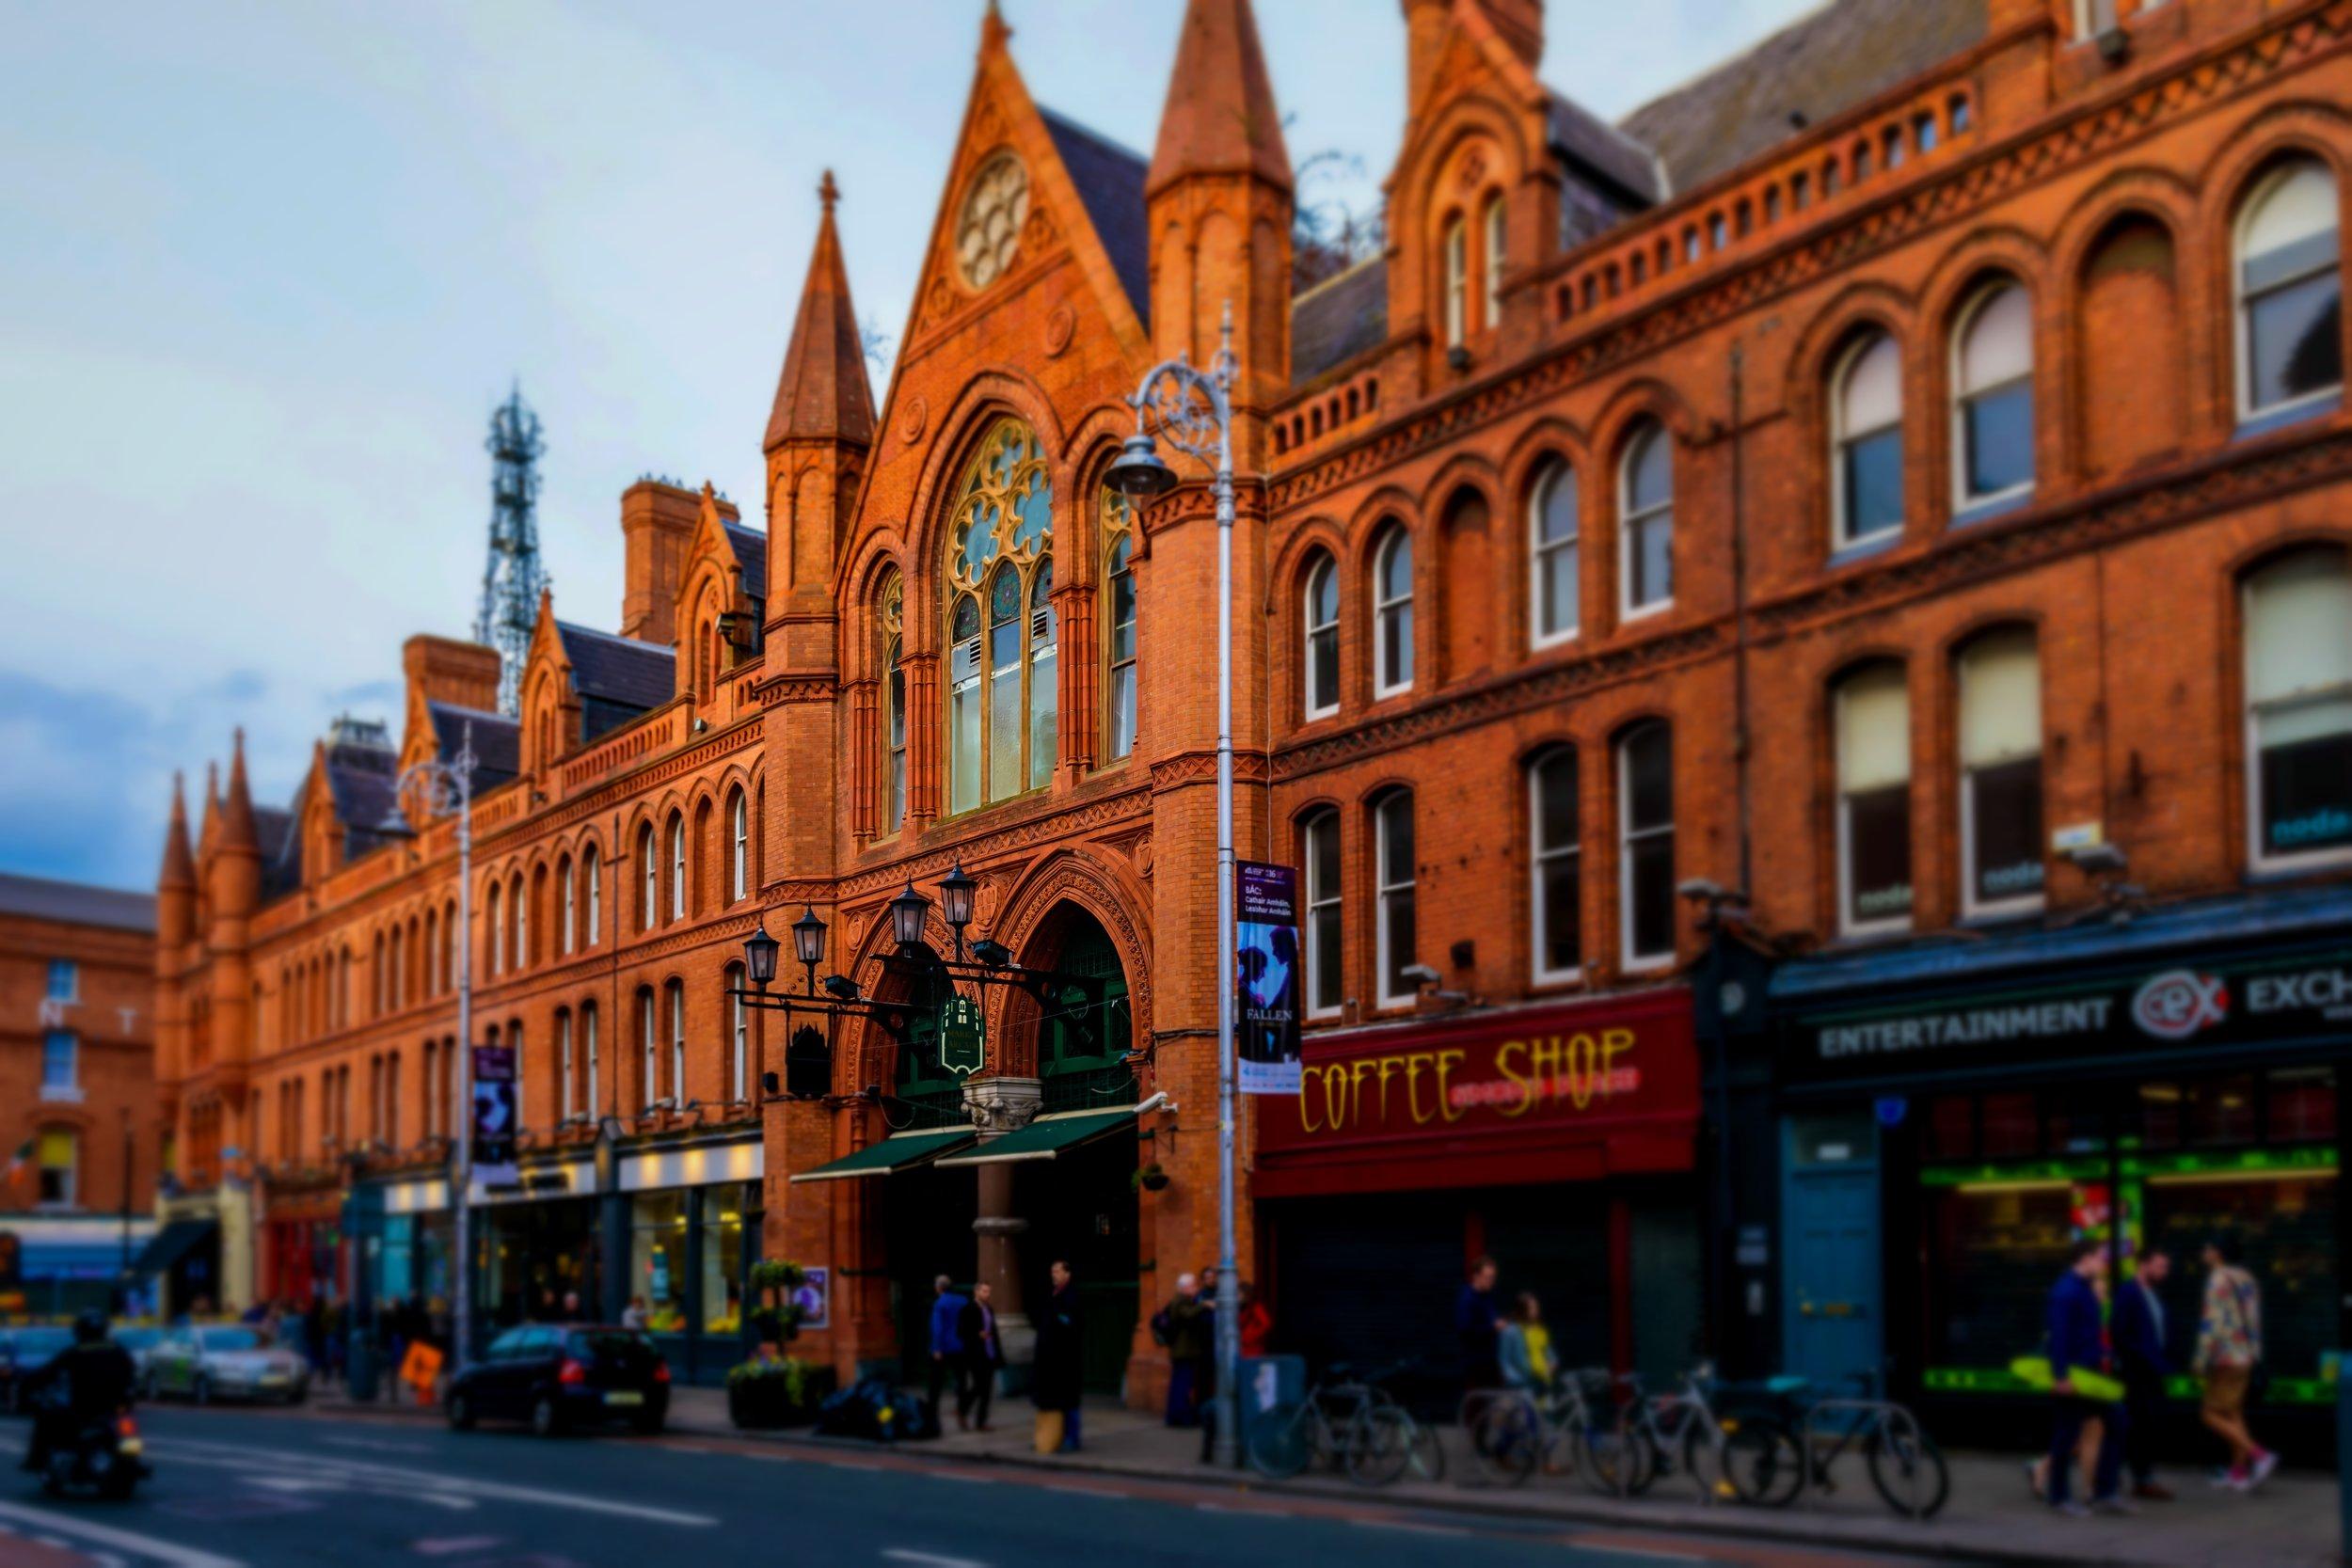 Market-Arcade-Sth-Georges-Street_Fotor.jpg